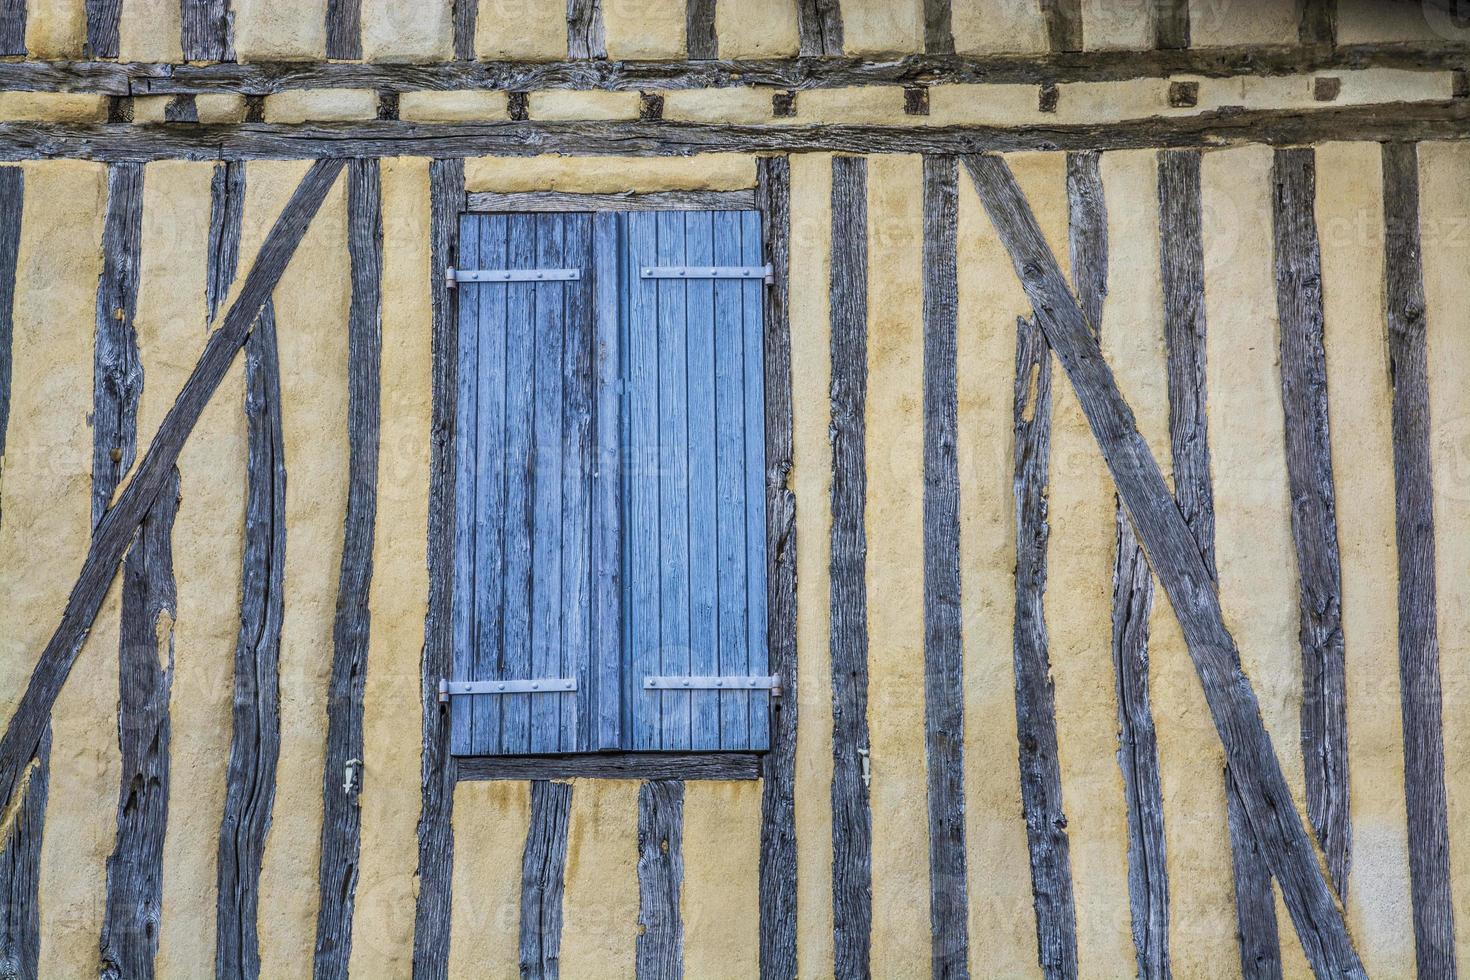 vecchio muro con persiane chiuse foto